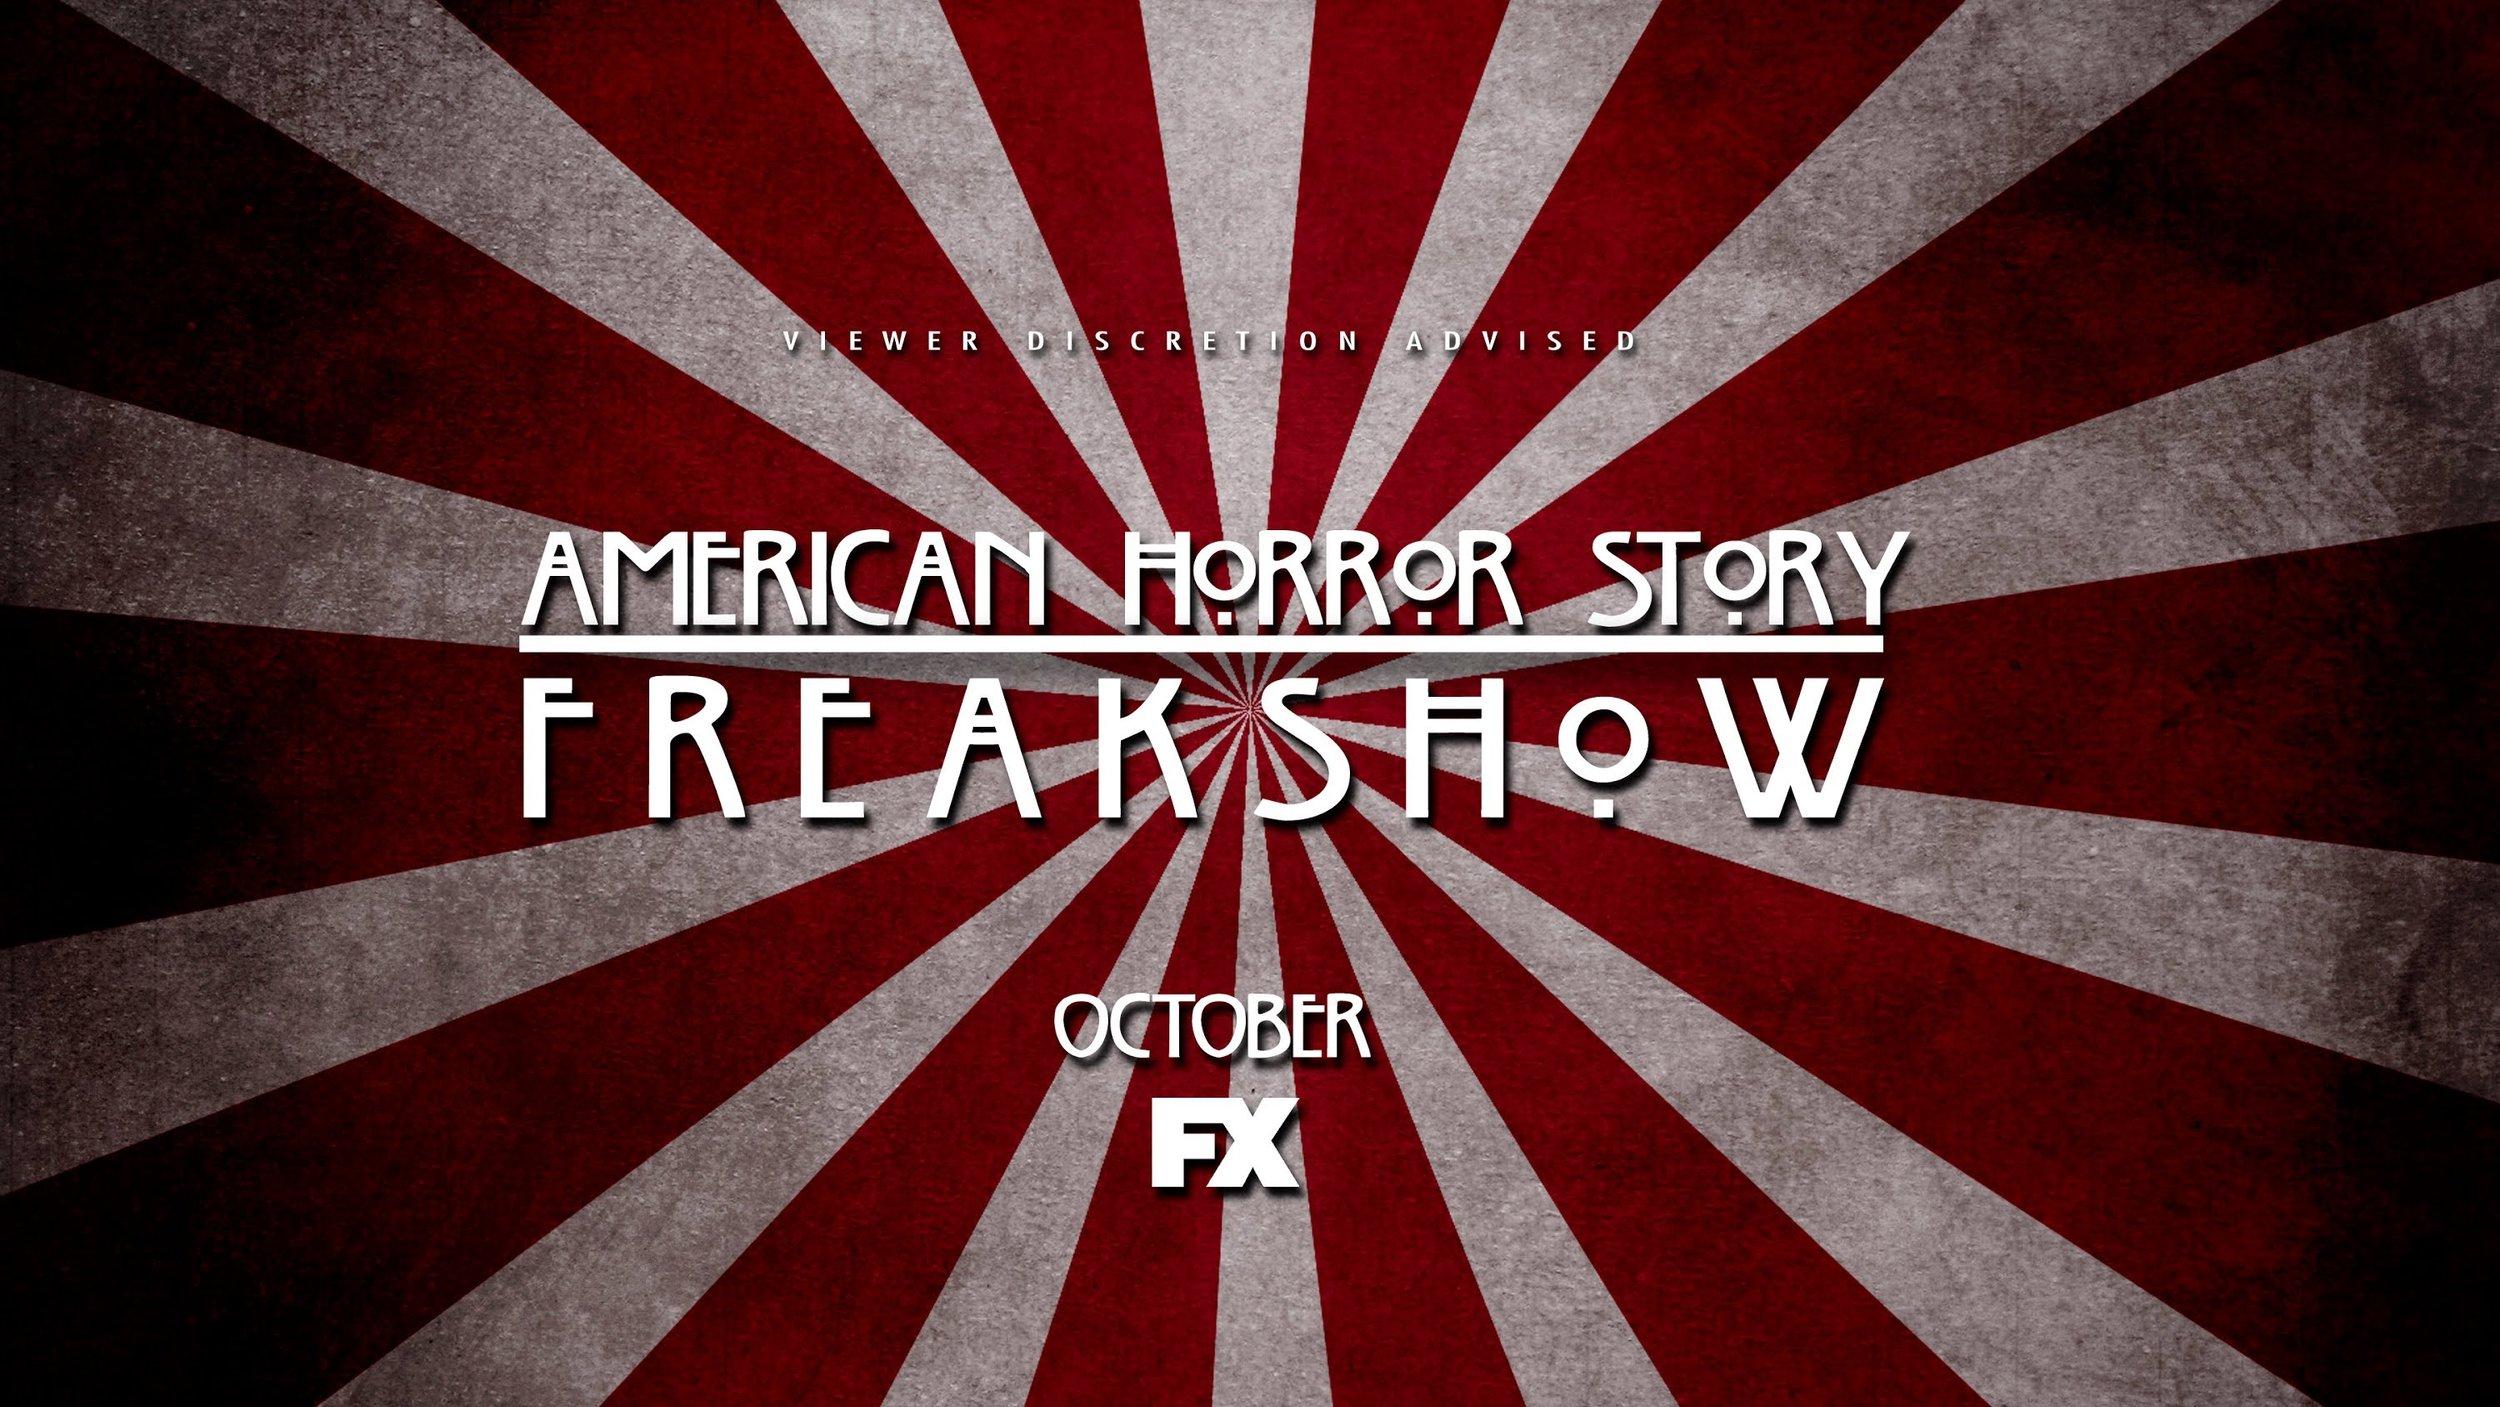 kampagnen_song_audiobrand_american_horror_story_freakshow.jpg